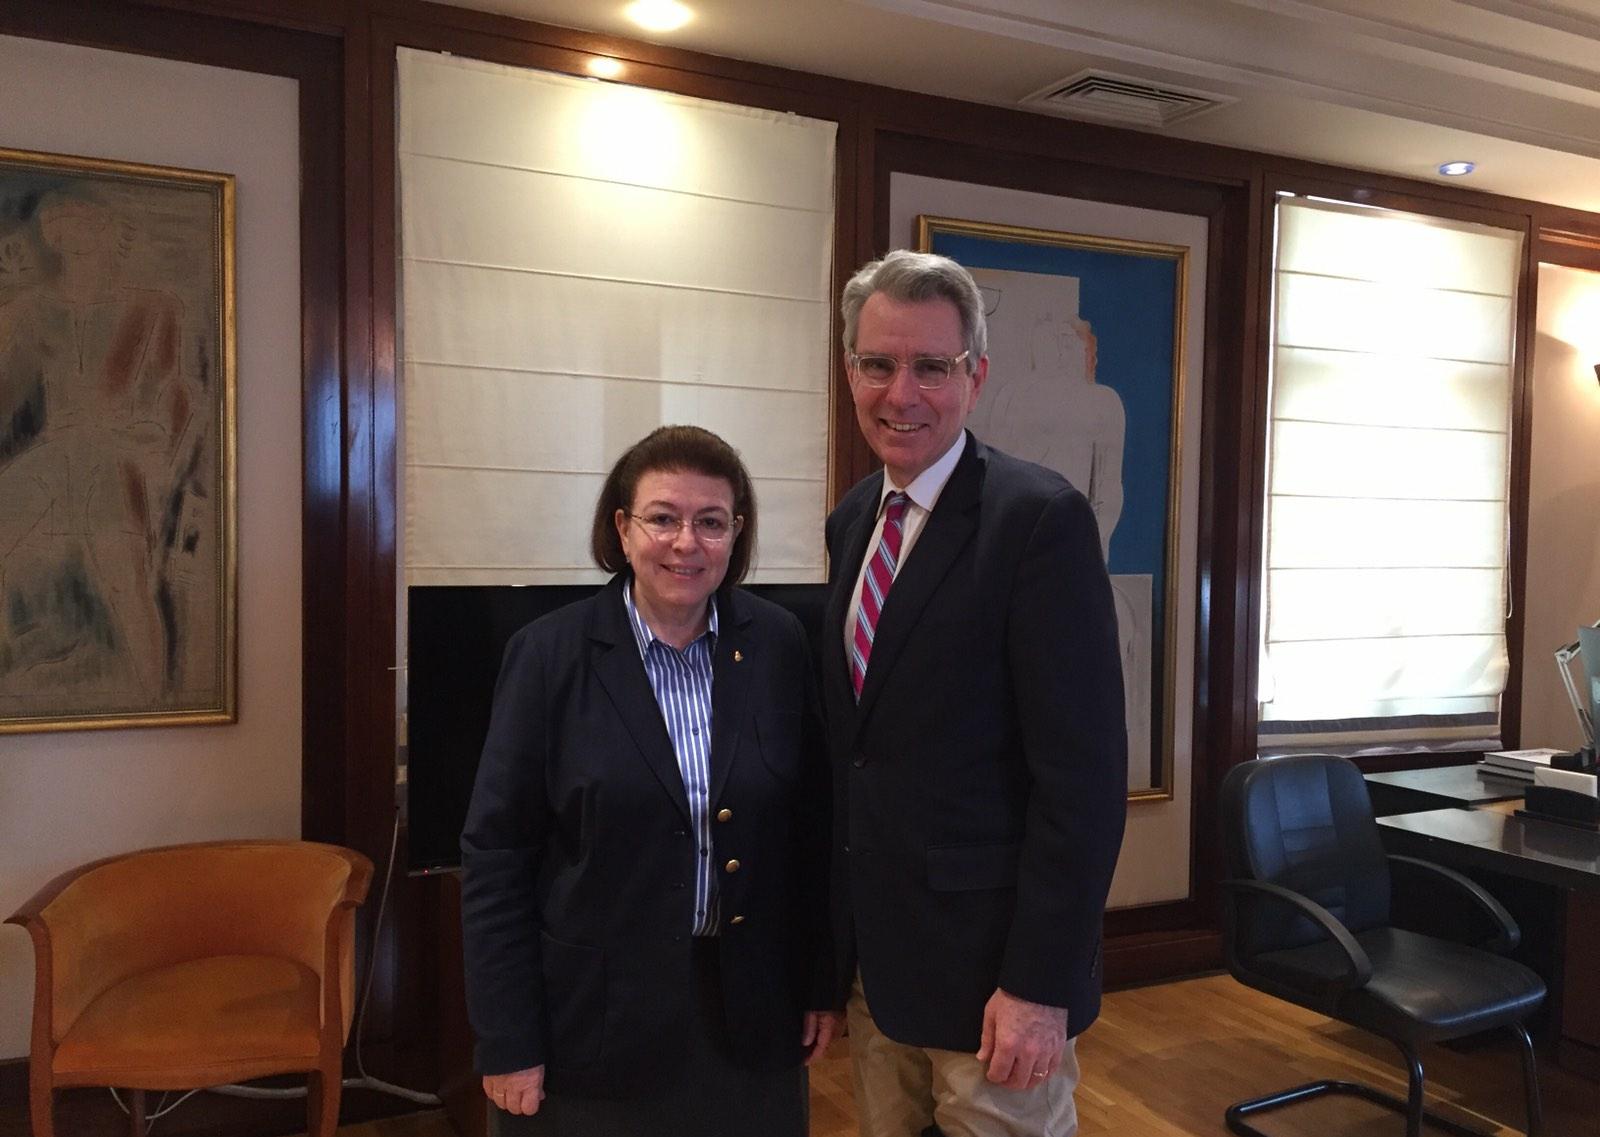 Συνάντηση της Υπουργού Πολιτισμού και Αθλητισμού με τον πρέσβη των ΗΠΑ